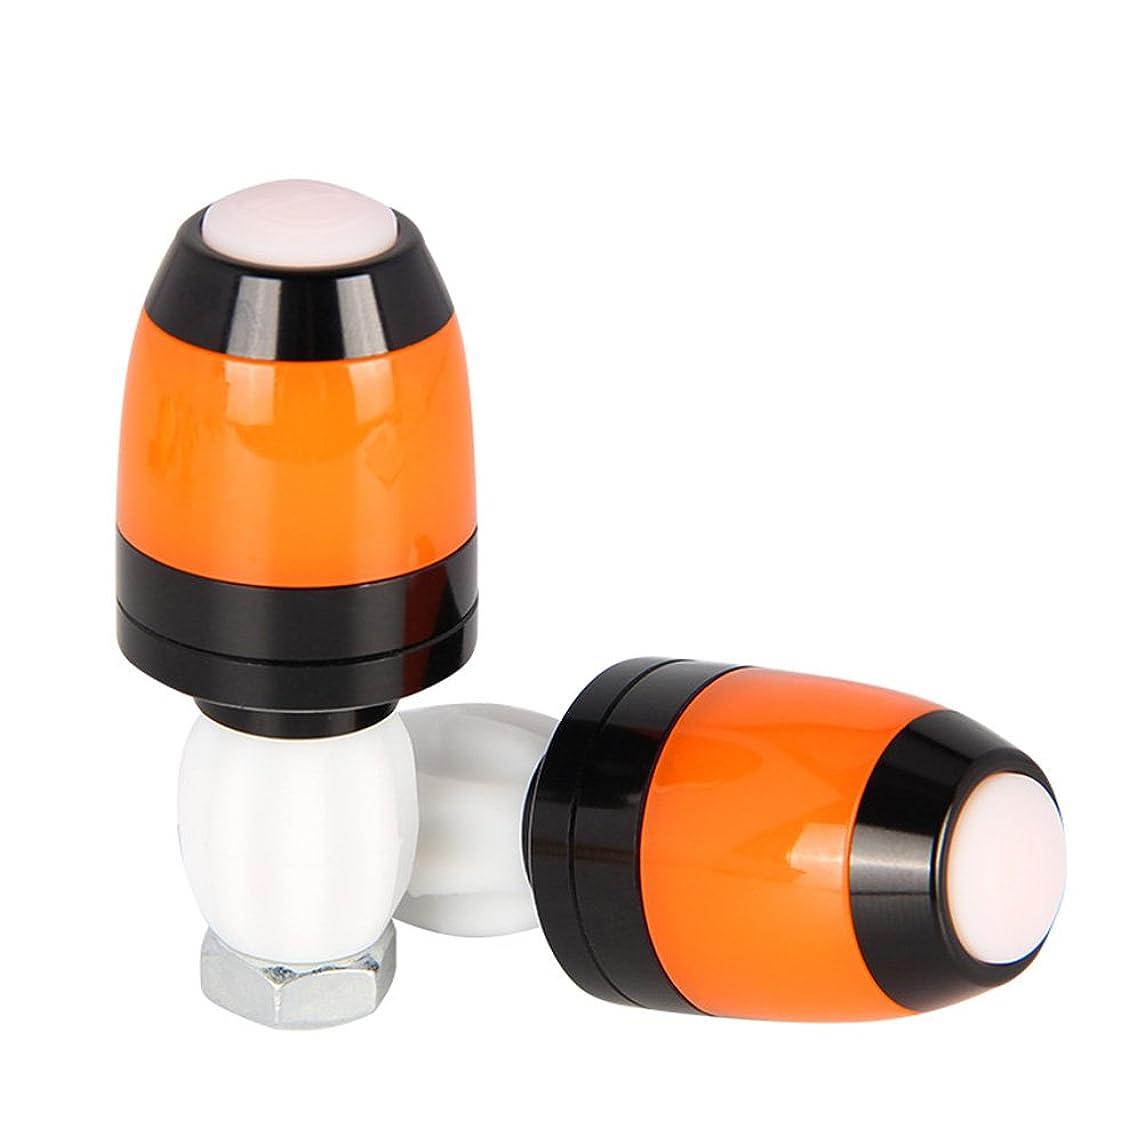 1 Pair Multifunctional Magnet Bike Bicycle Handlebar Bar End Plug LED Light Warning Indicator